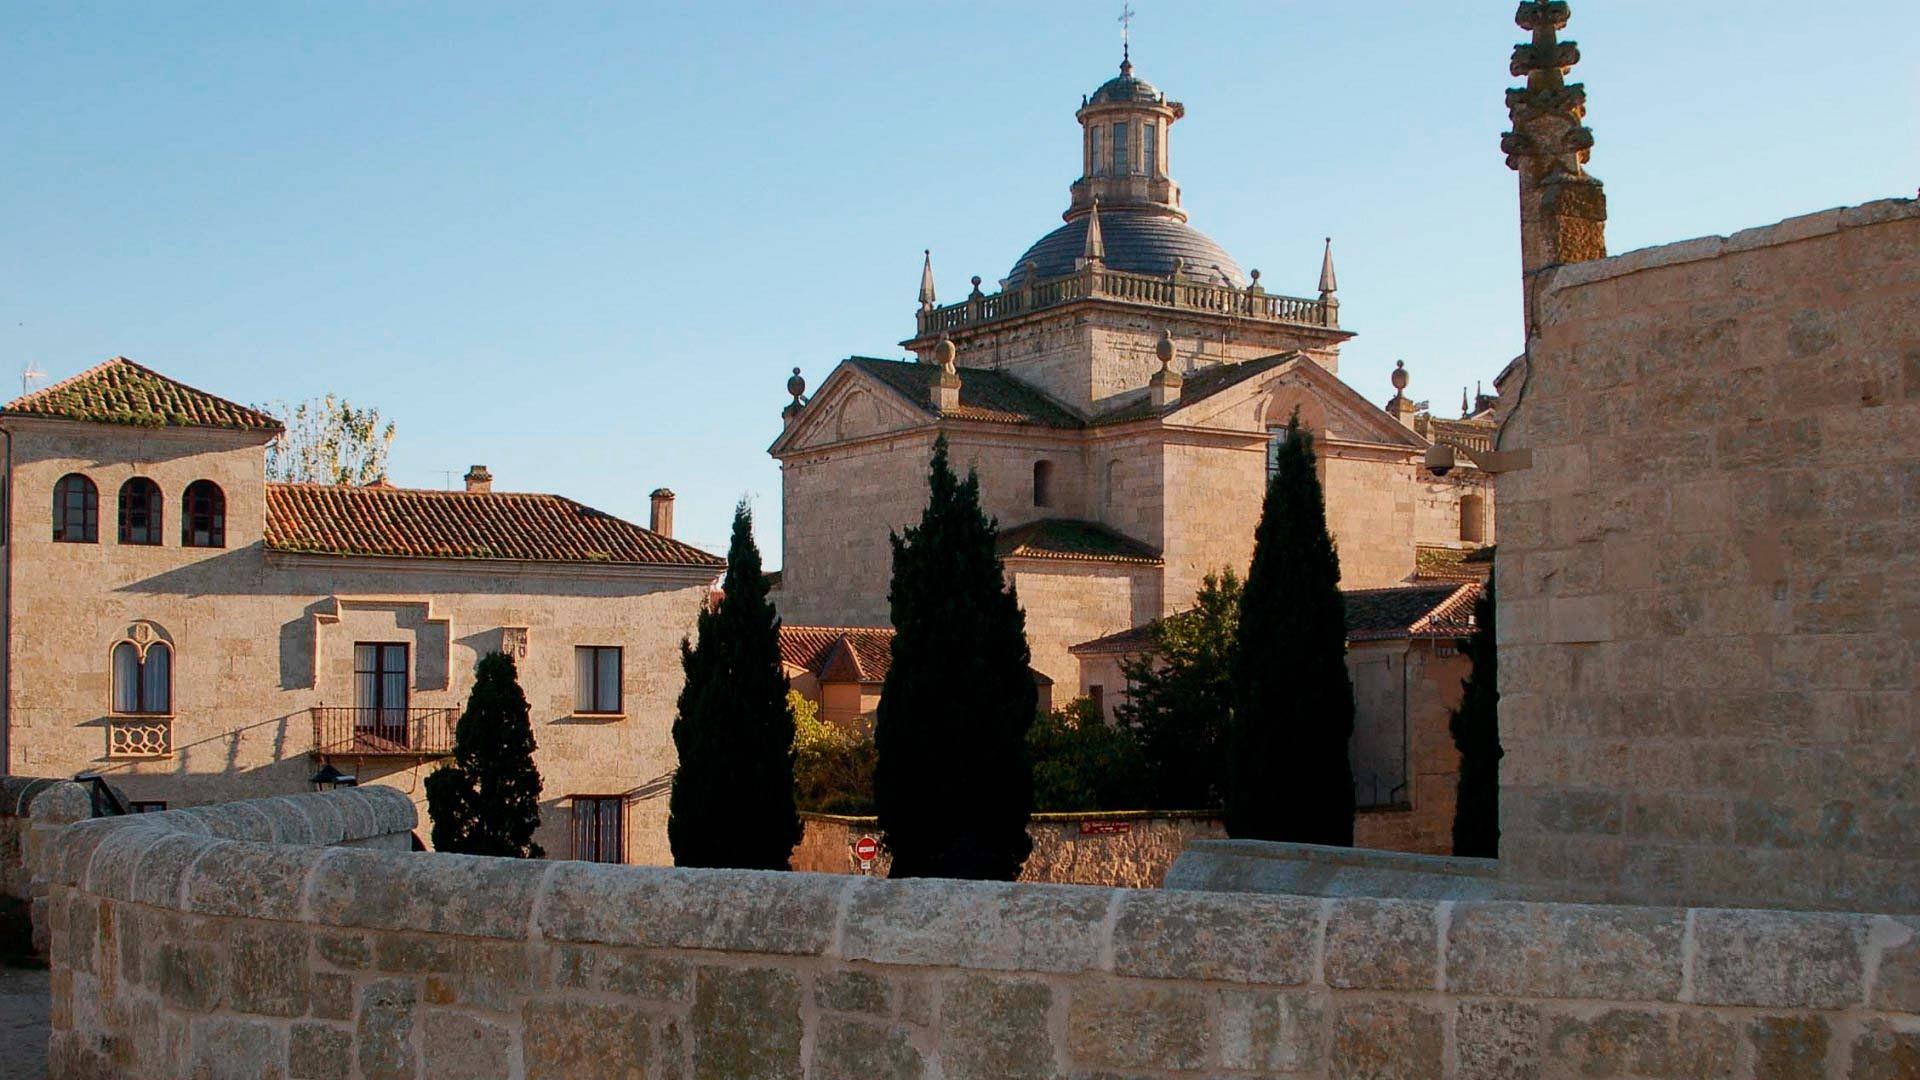 Ciudad Rodrigo de Salamanca.